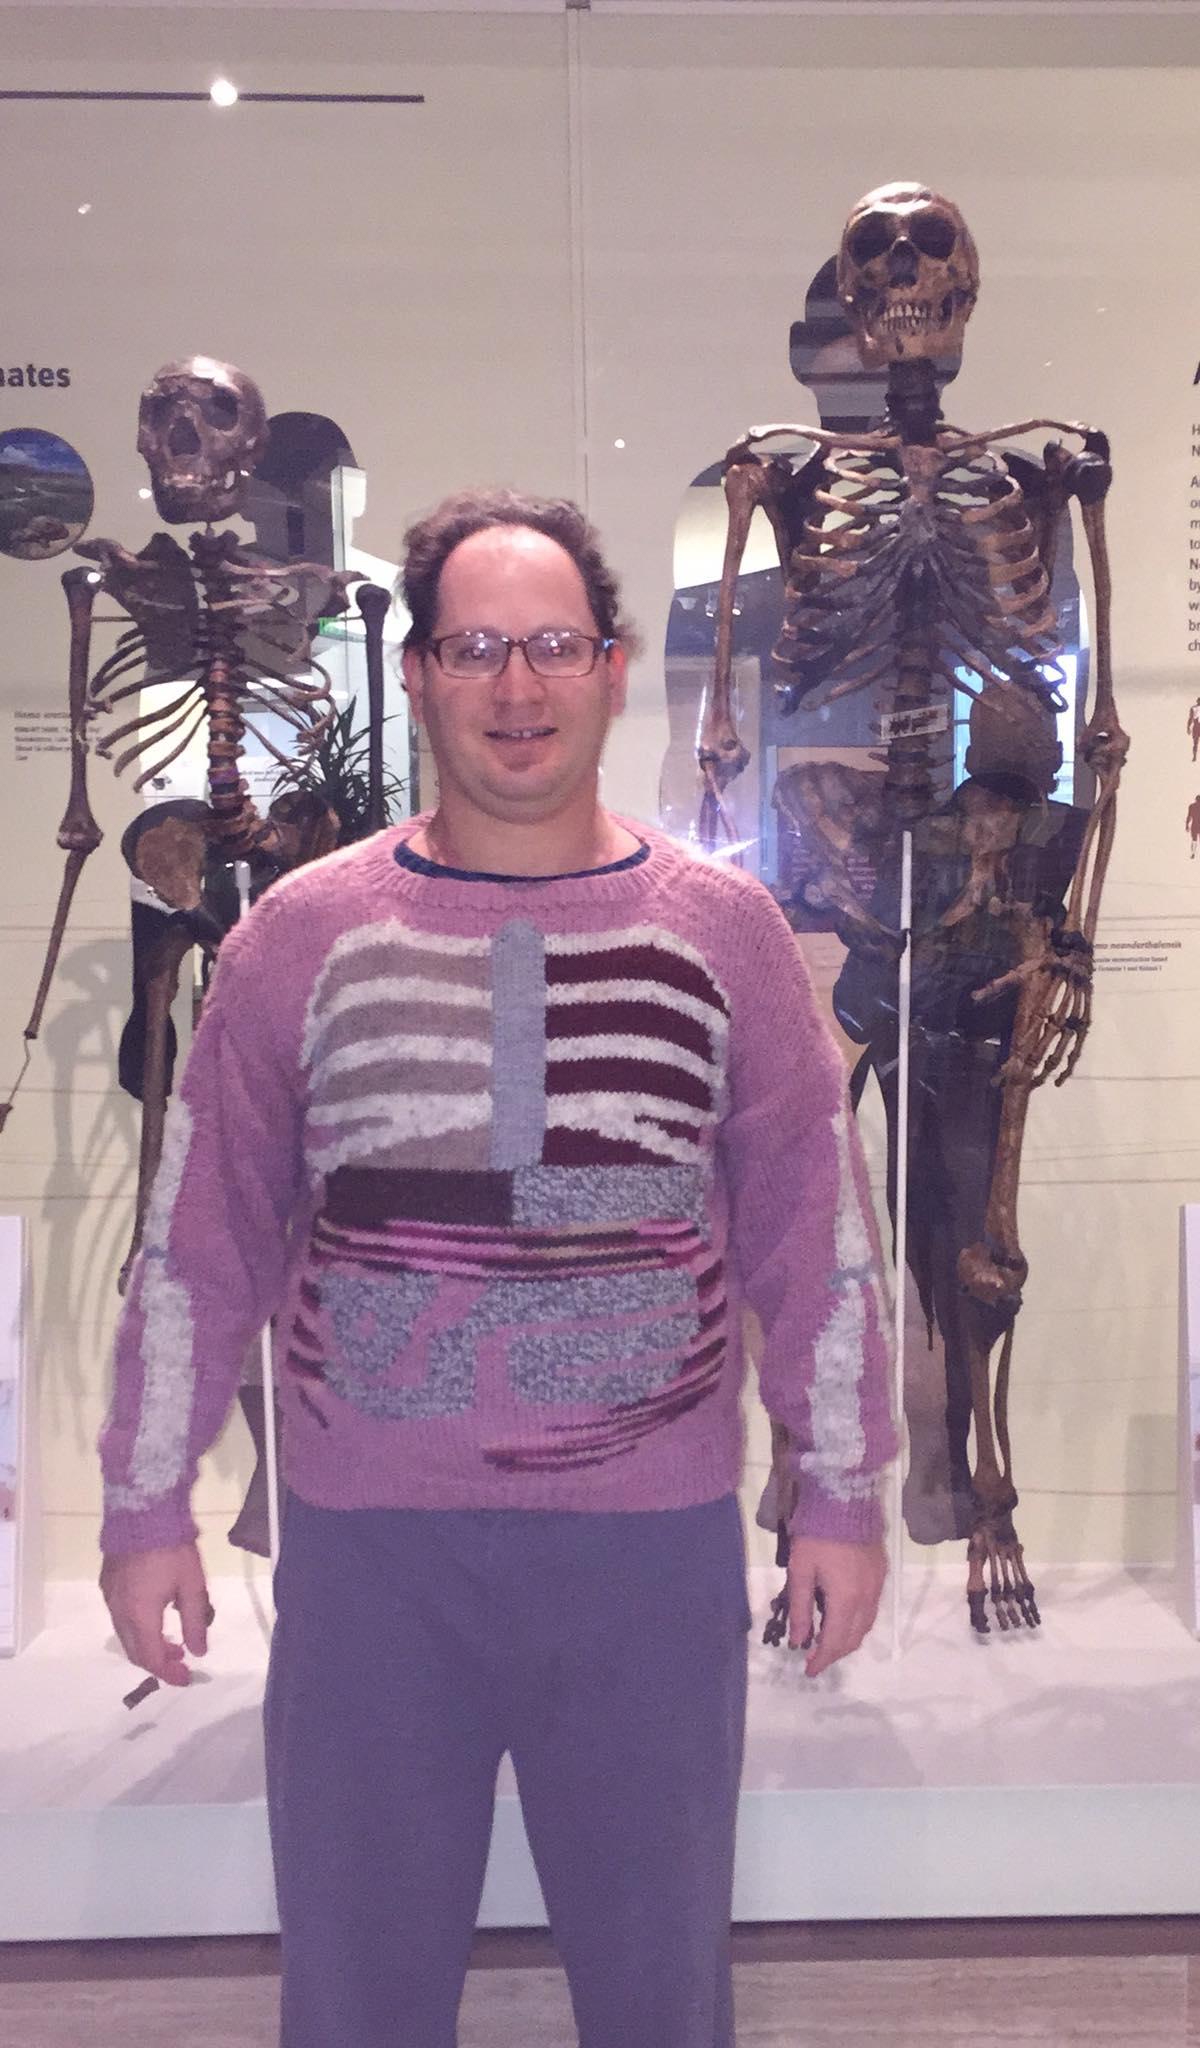 Genio teje sueteres esqueletos